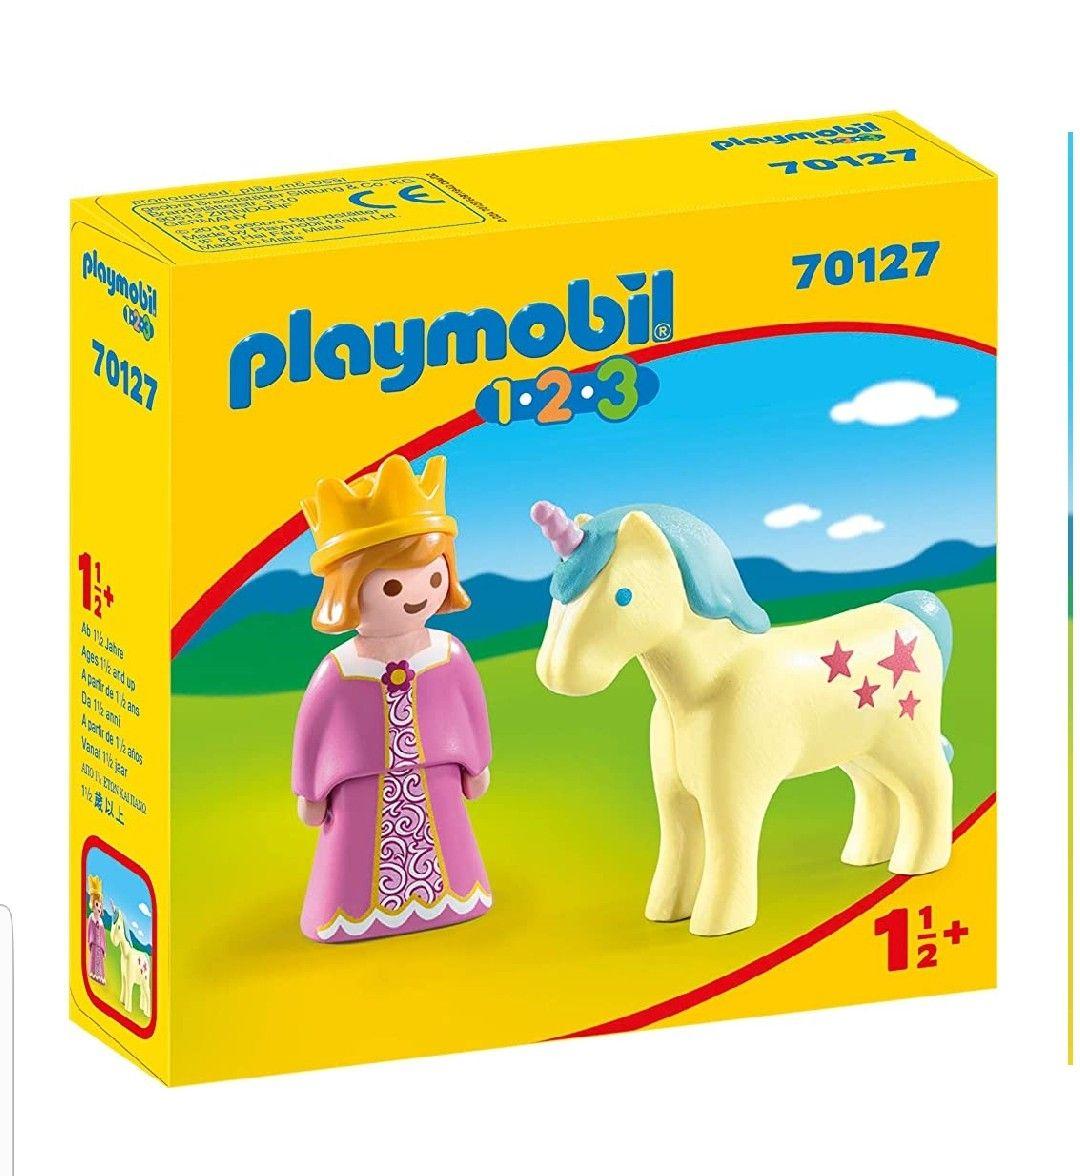 Playmobil-Princesa Unicornio.